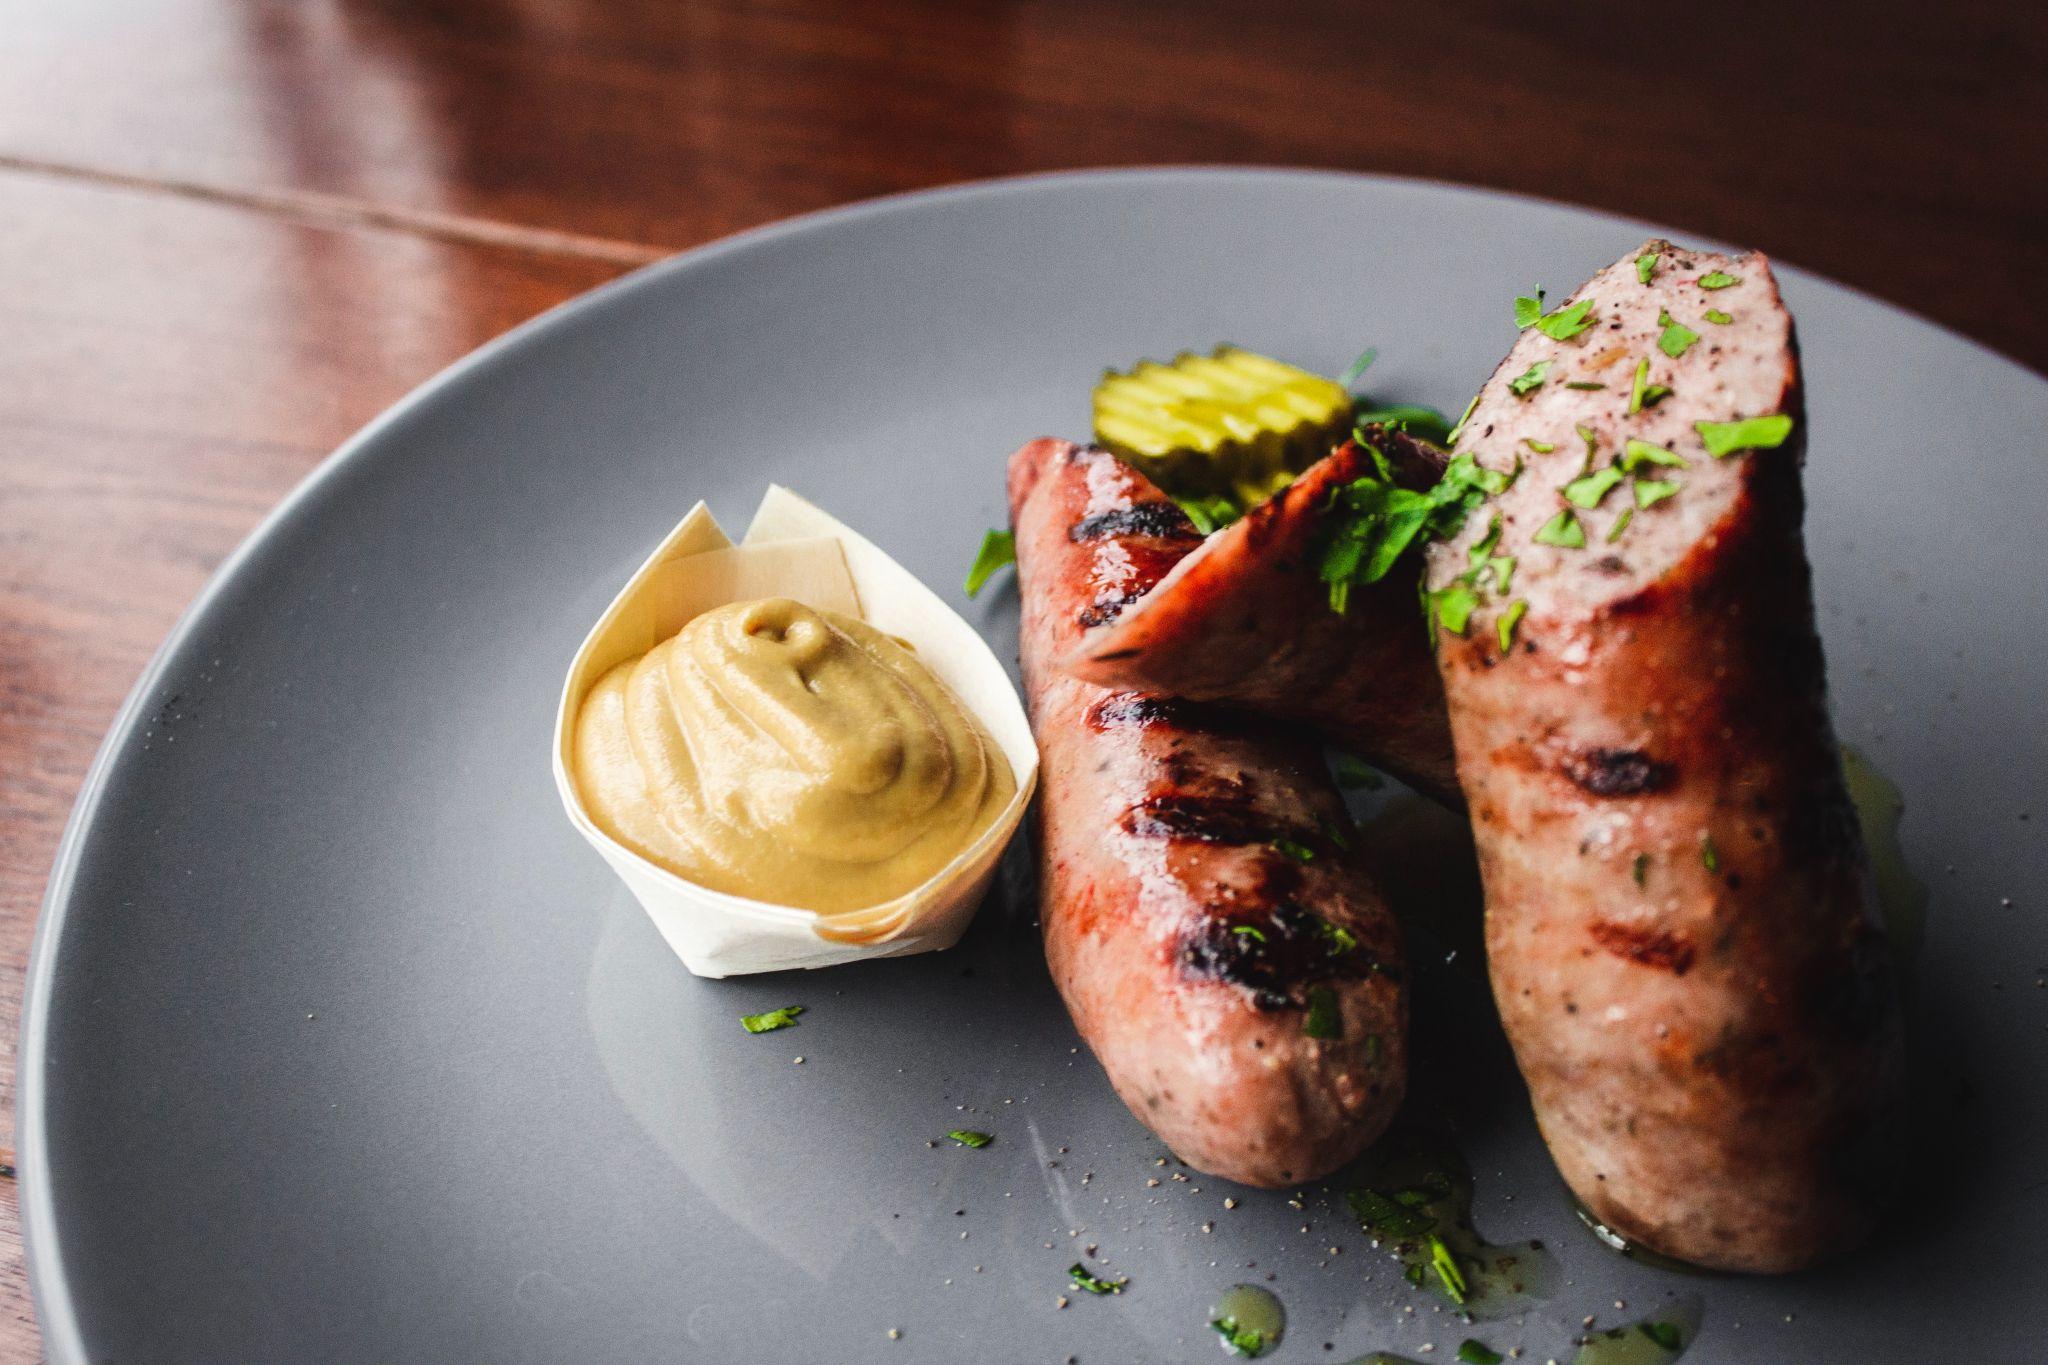 met-vin-barbecue-saucisses